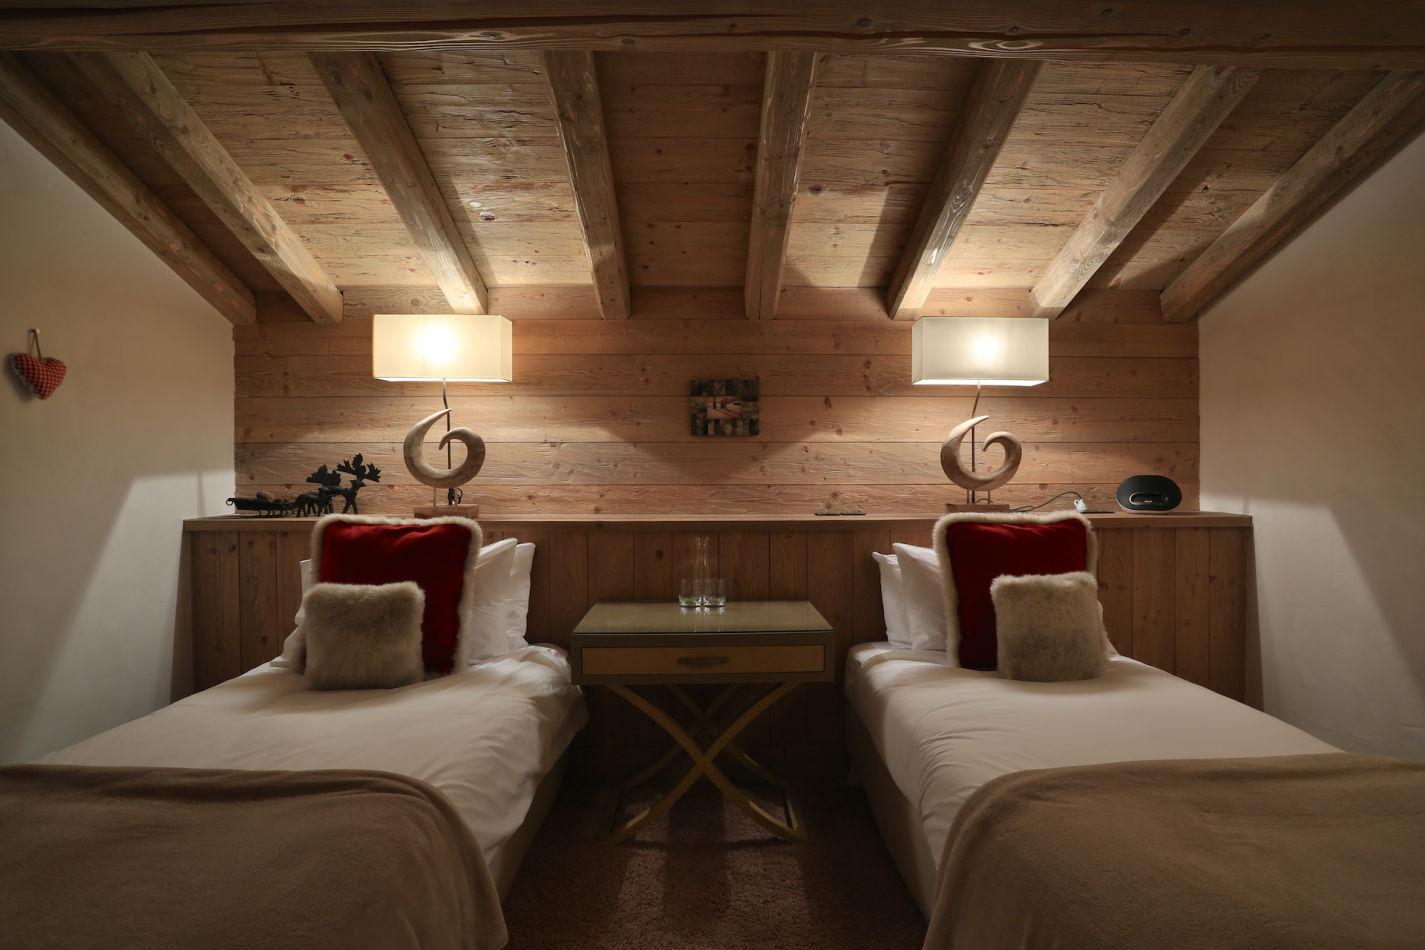 bedroom-3-evening-image-113